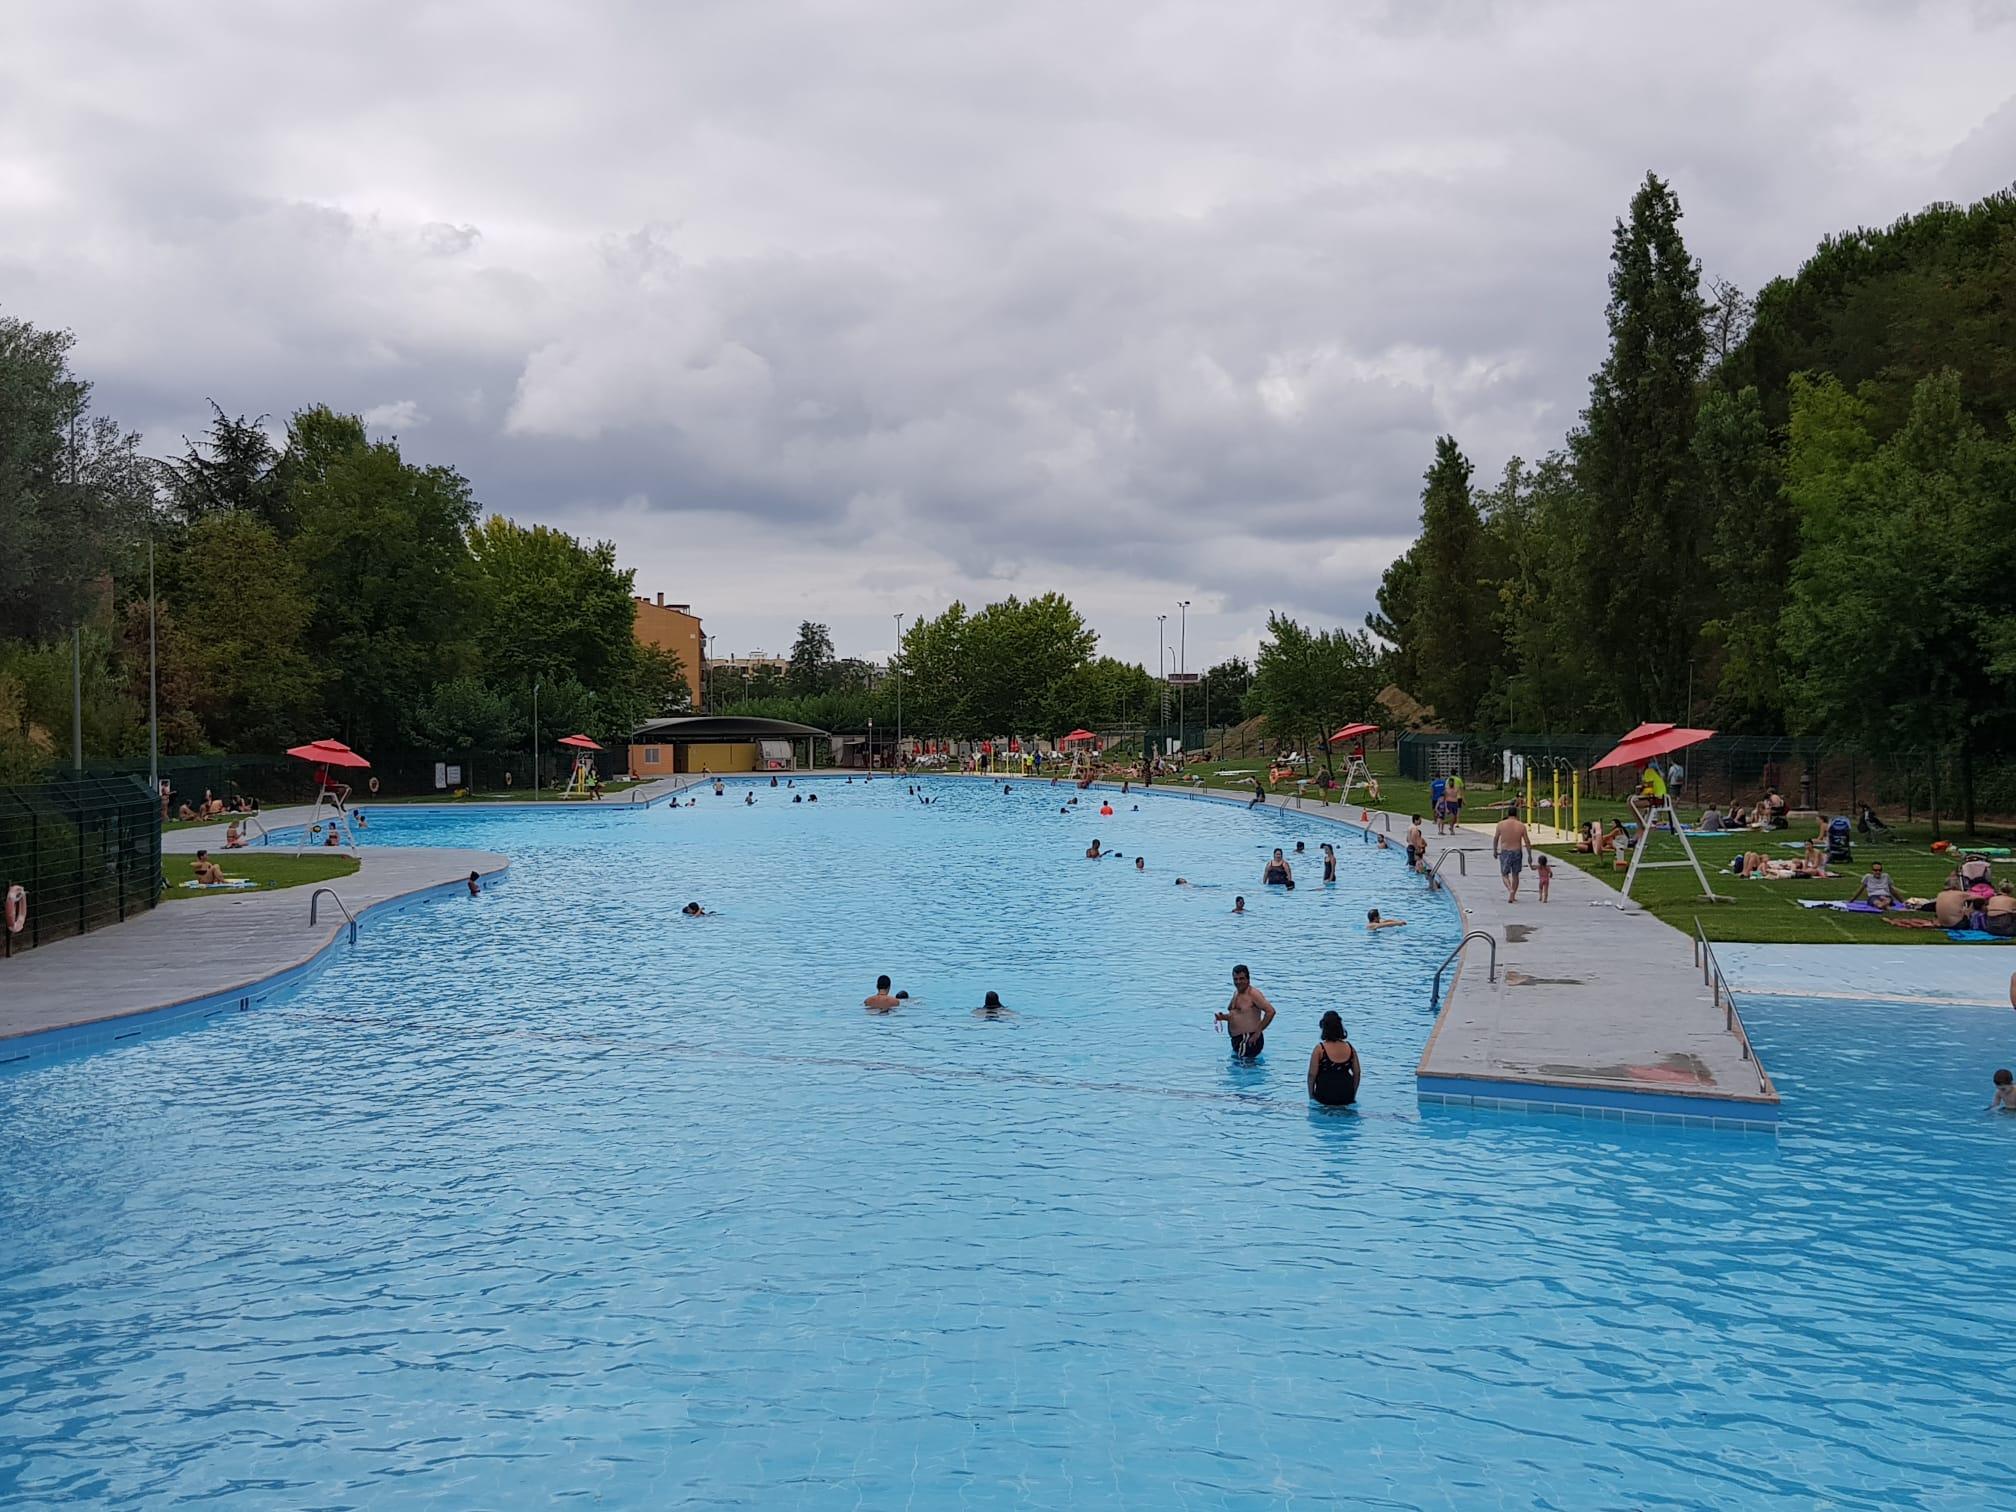 Dies de calor ideals per refrescar-se a la piscina municipal de Vallparadís | Lluïsa Tarrida